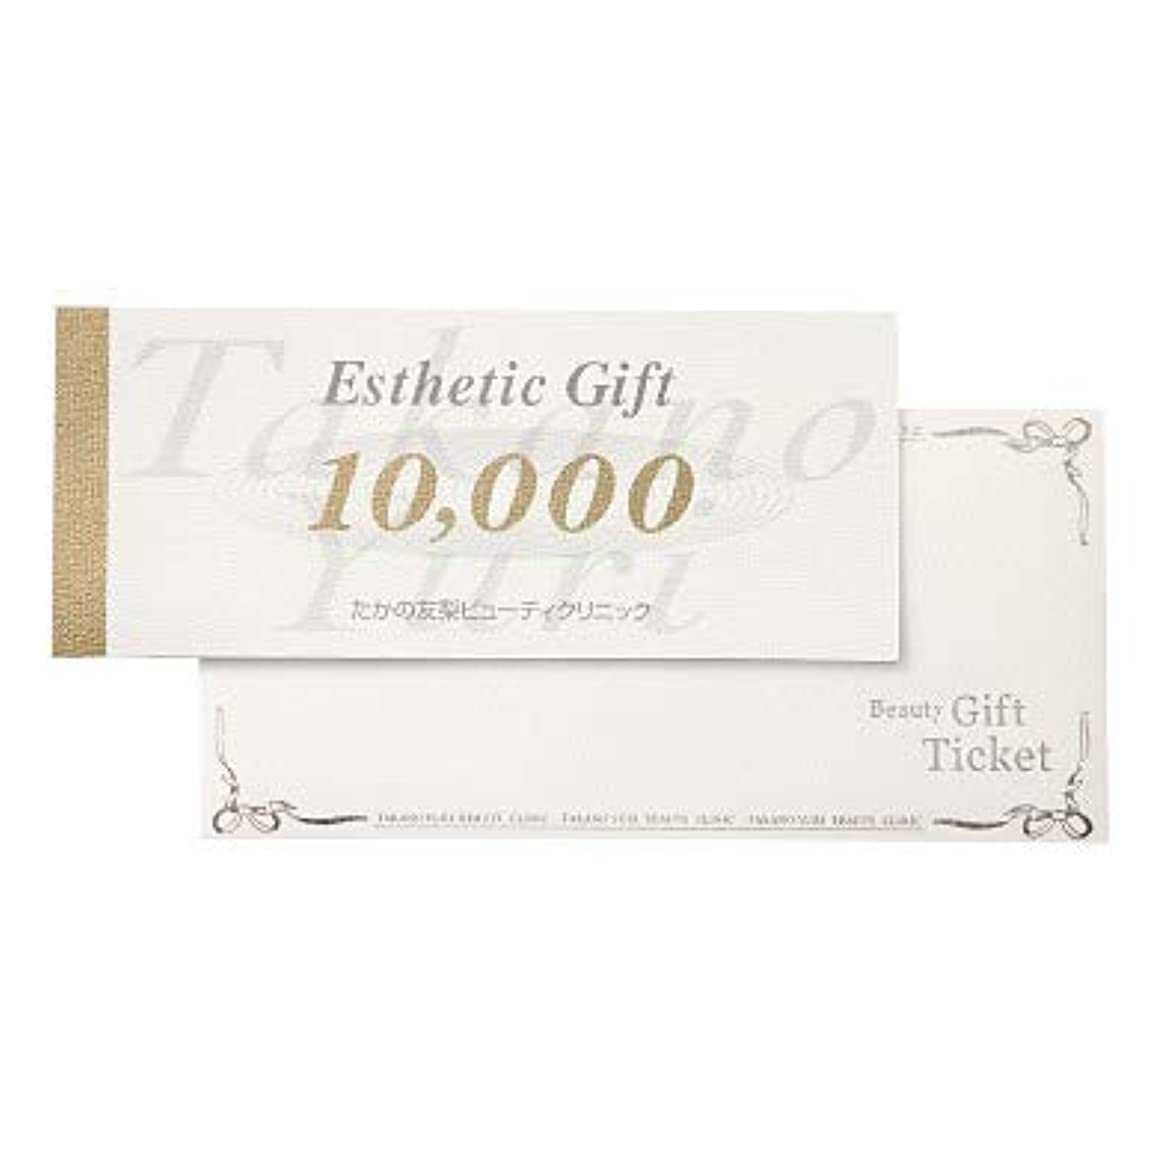 時間厳守後世確保する10,000円エステティックギフトチケット